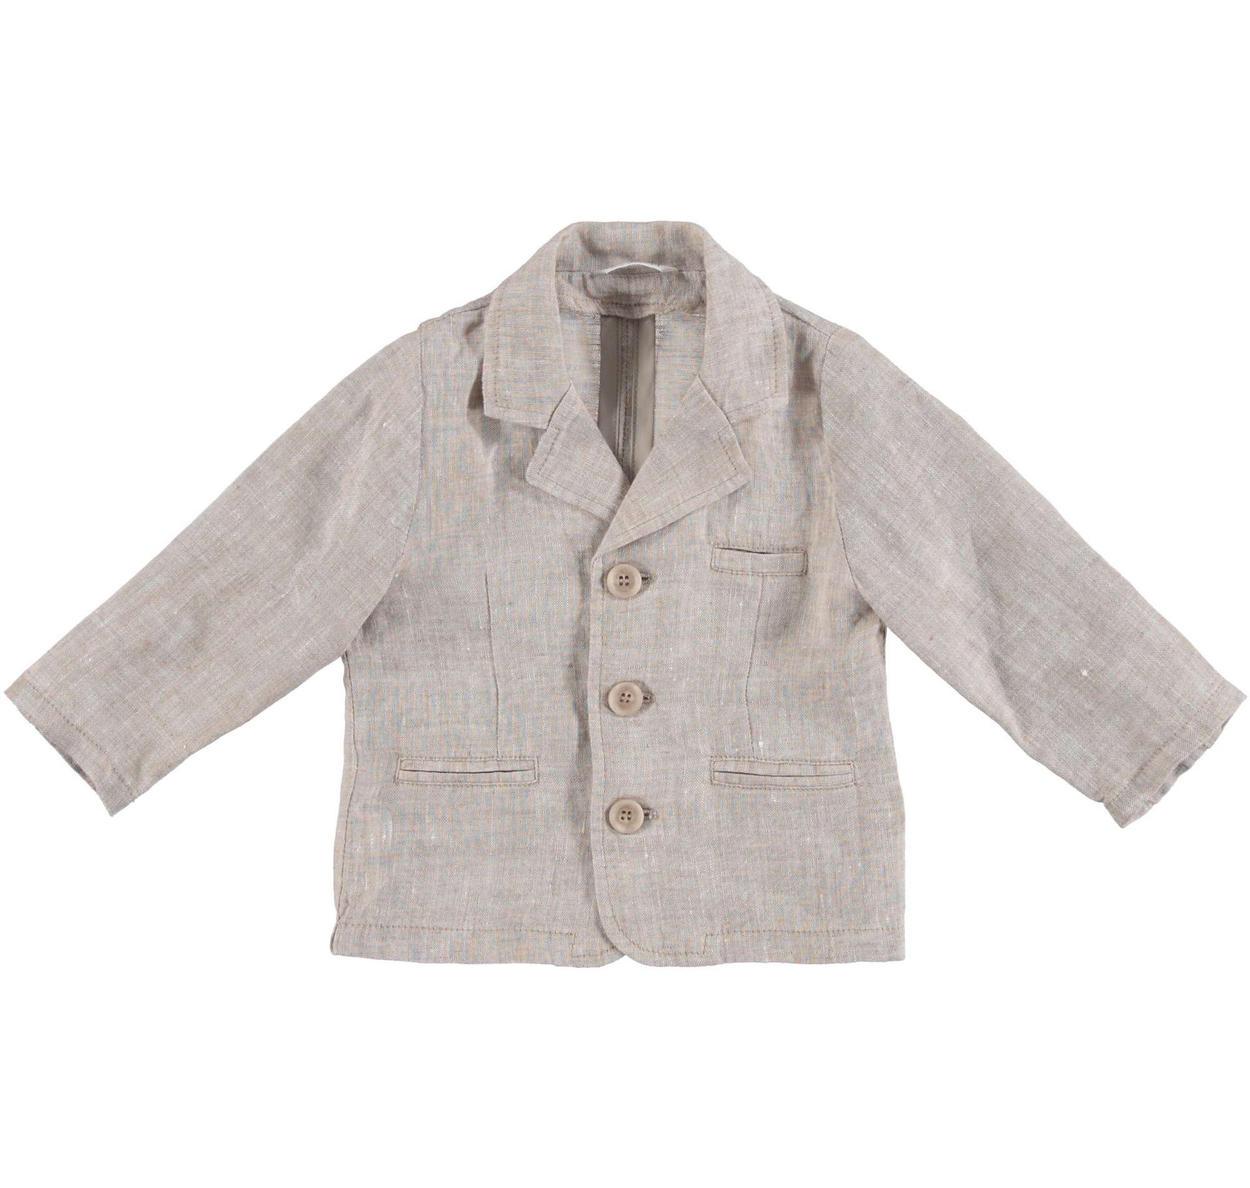 info for c1886 35d22 Elegante giacca 100% lino per neonato da 0 a 24 mesi Minibanda